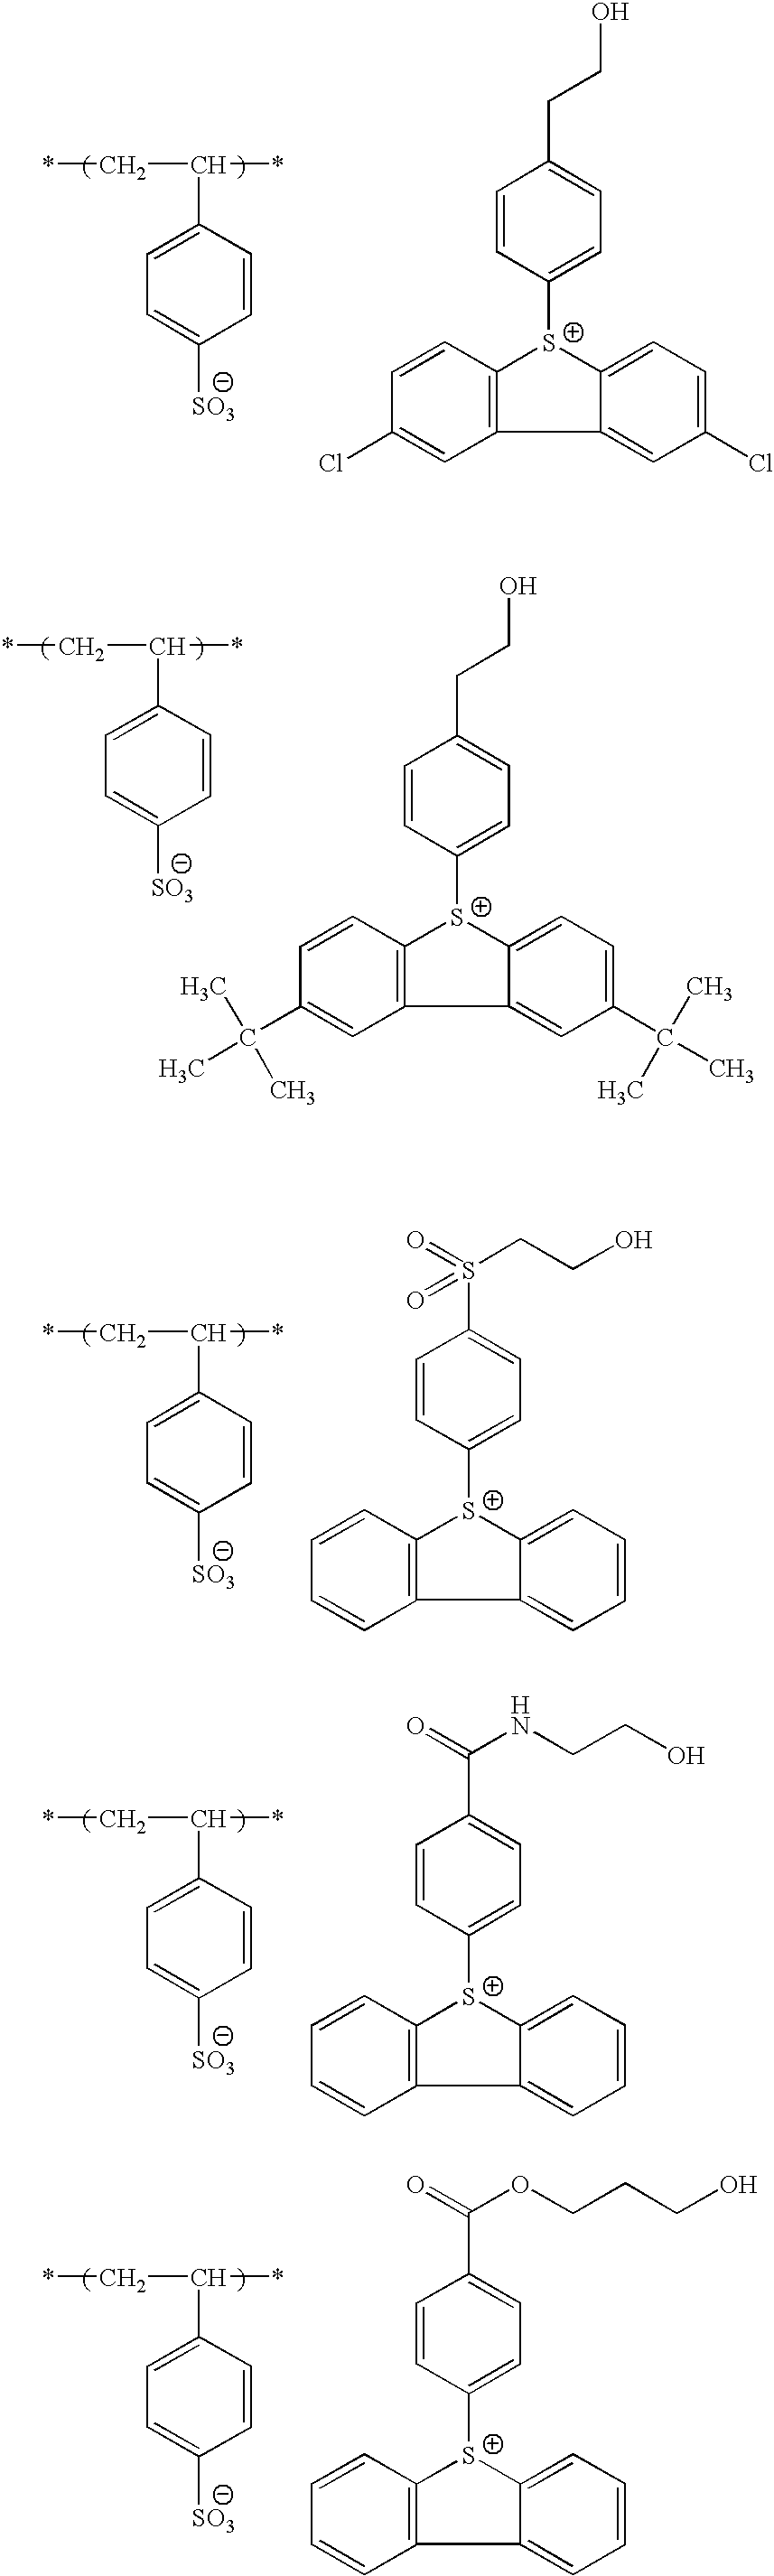 Figure US08852845-20141007-C00055